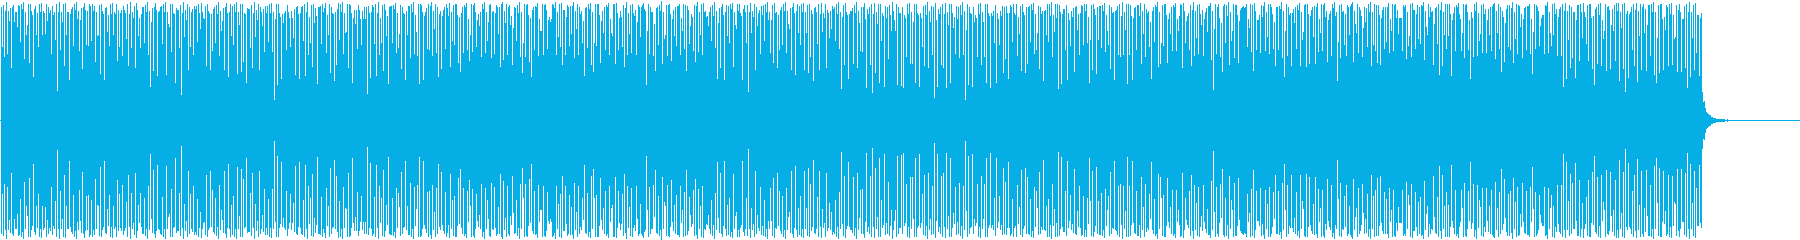 納涼リゾートハウスミュージックの再生済みの波形